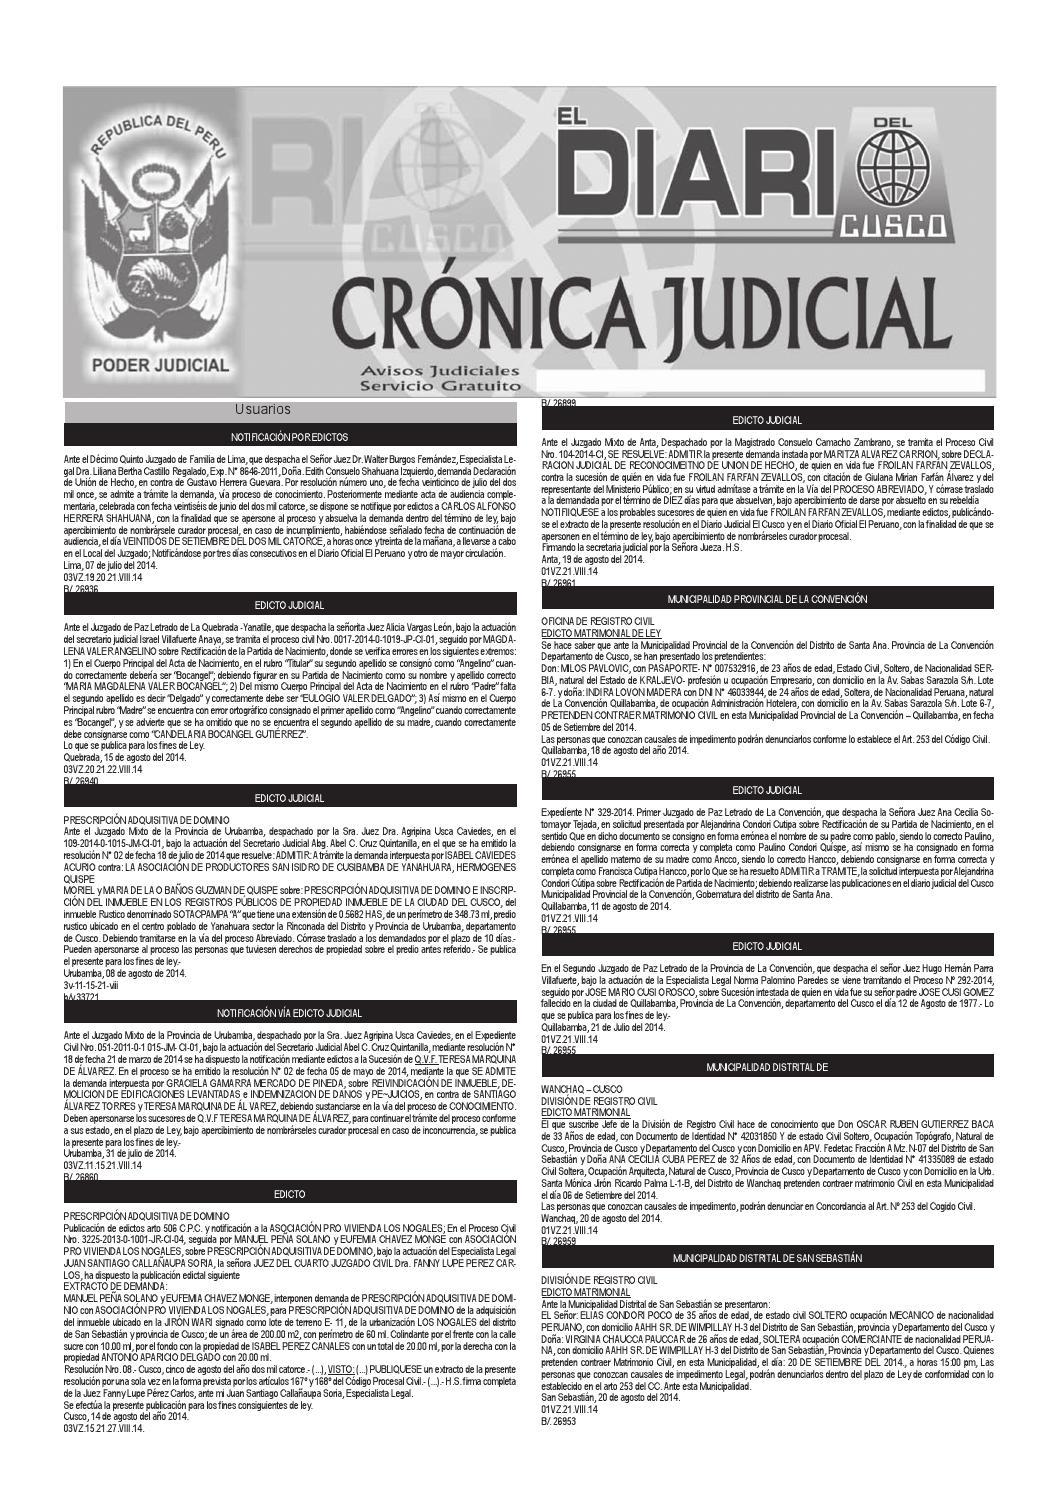 Avisos Judiciales 21 08 14 by El Diario del Cusco - issuu